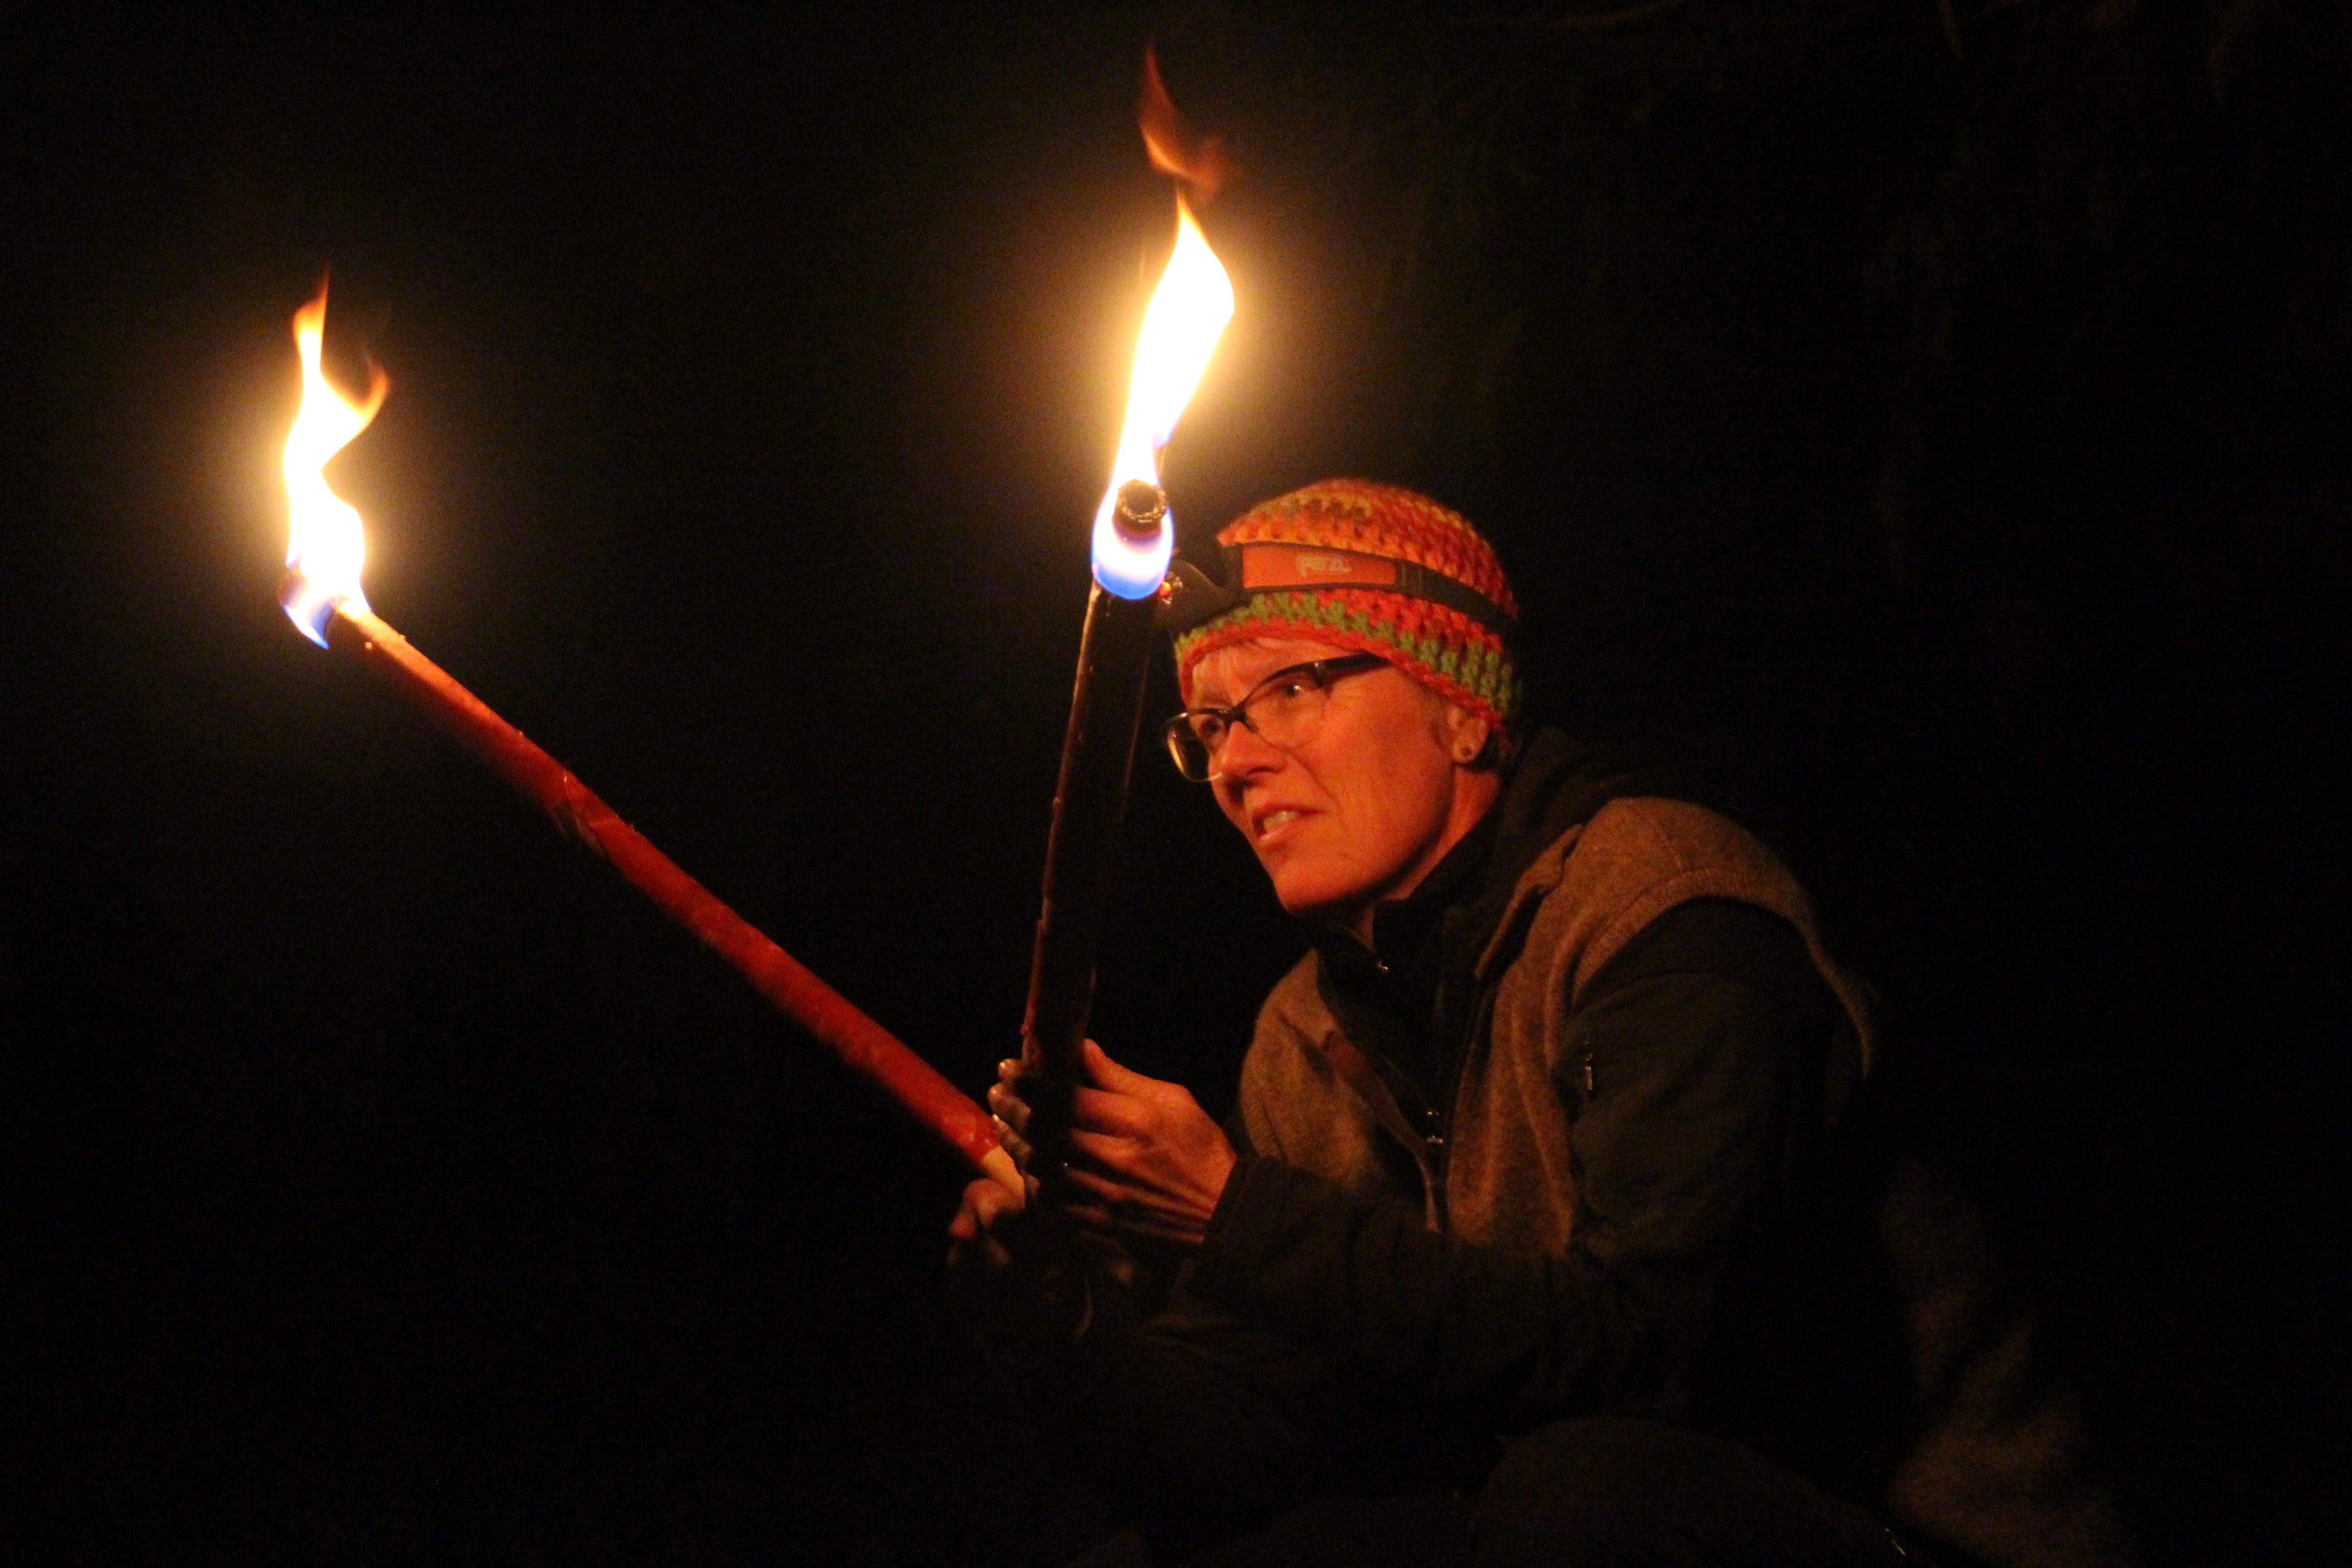 Zwei Fackeln leuchteten auf im Dunkeln und entzündeten den schwebenden Feuervogel